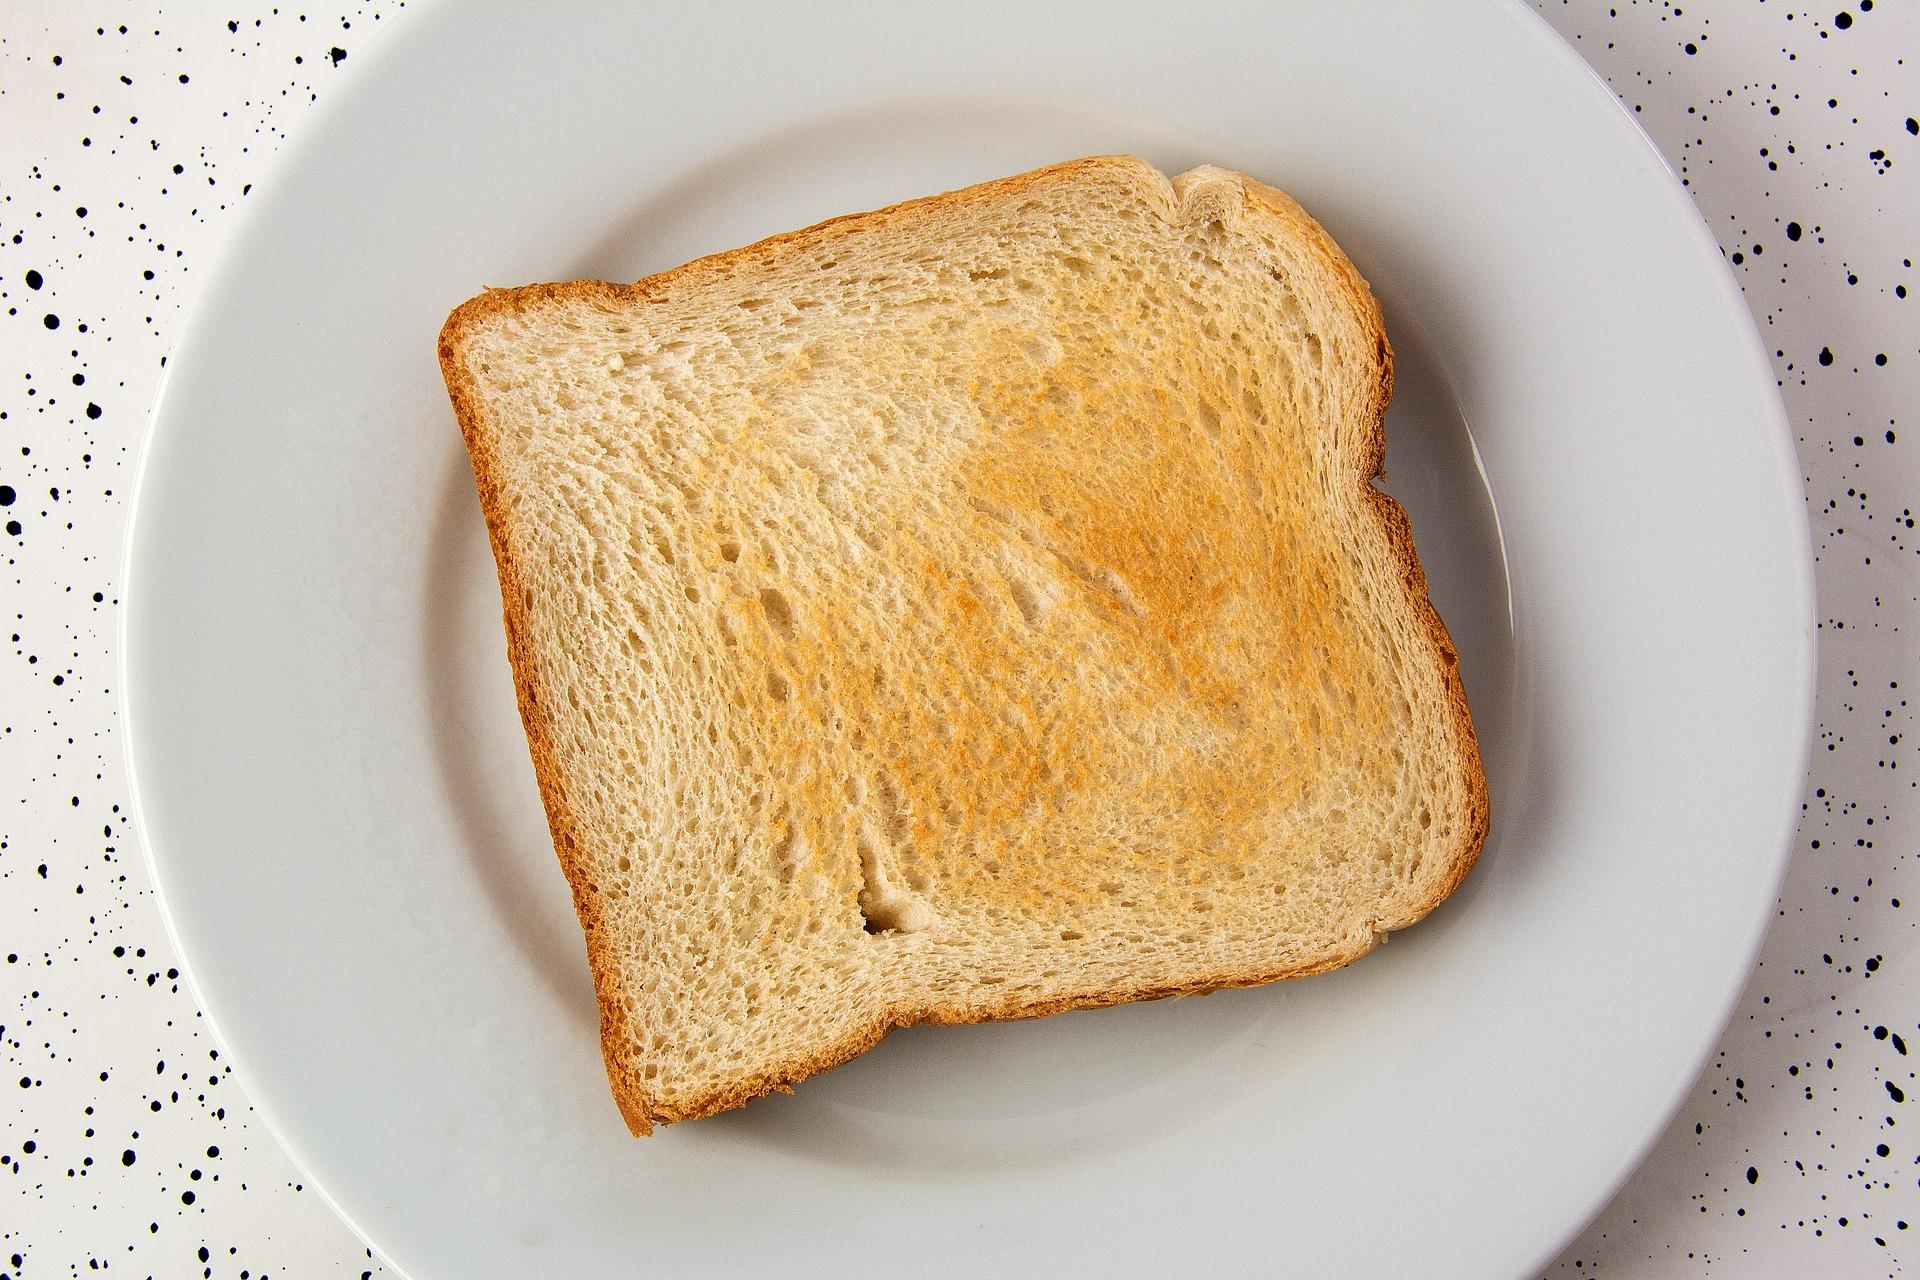 トースト1枚の画像